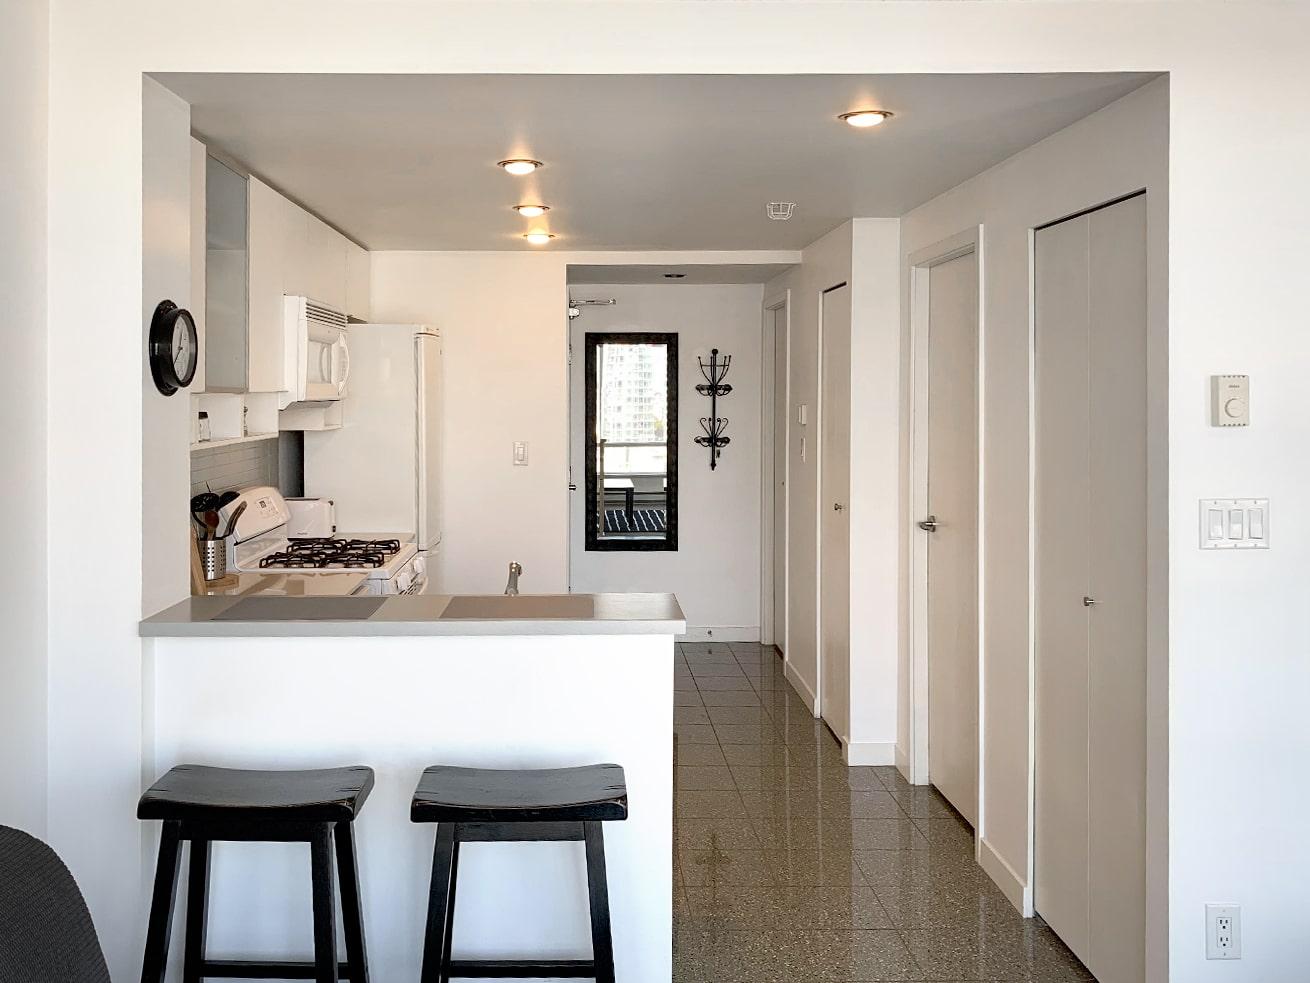 Vancouver apartment rentals max studio den bar stools